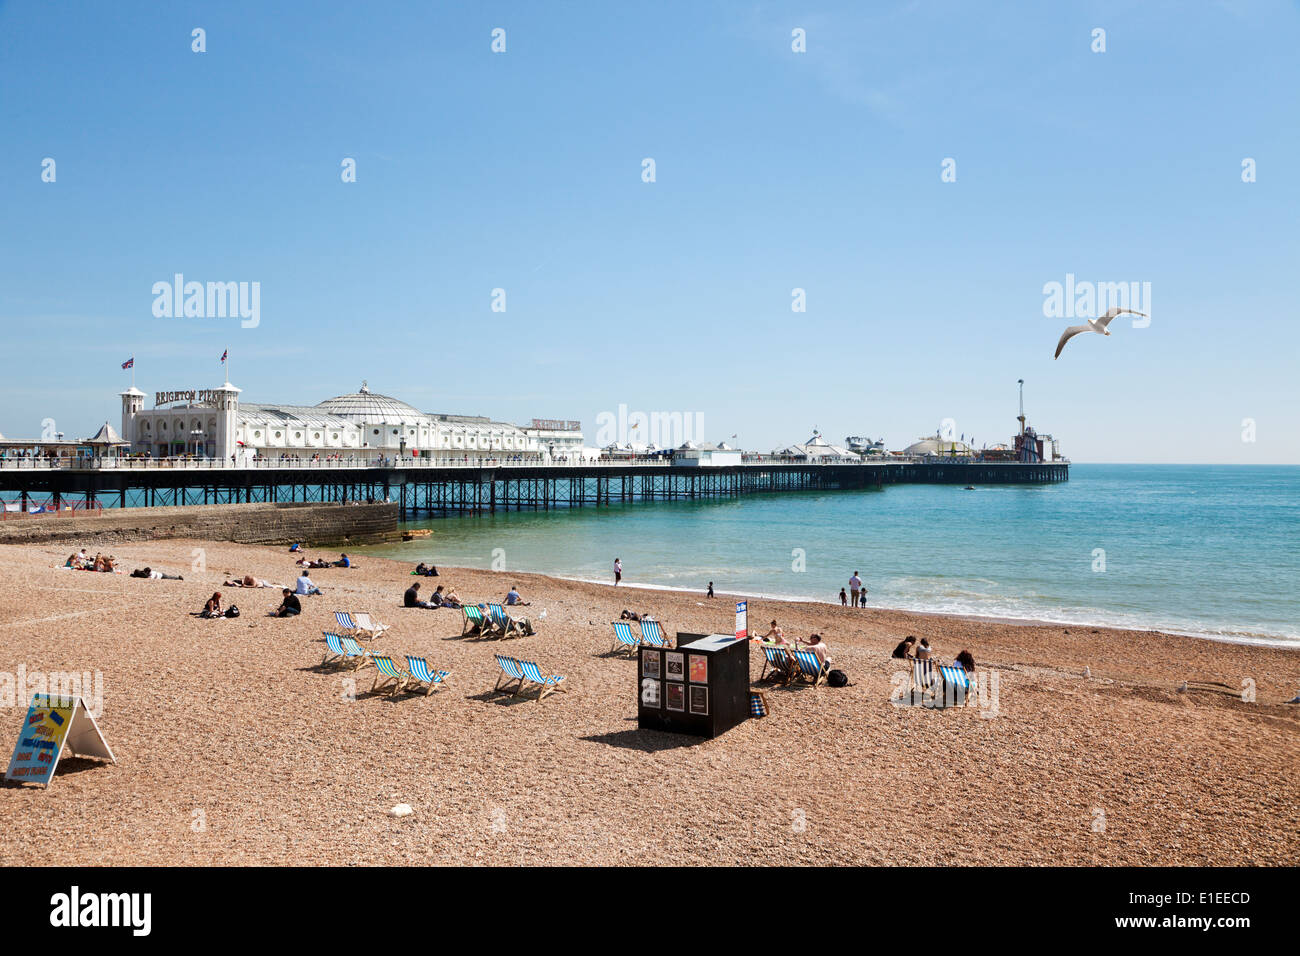 La gente relajándose en la playa junto al embarcadero de Brighton, East Sussex, Reino Unido Imagen De Stock